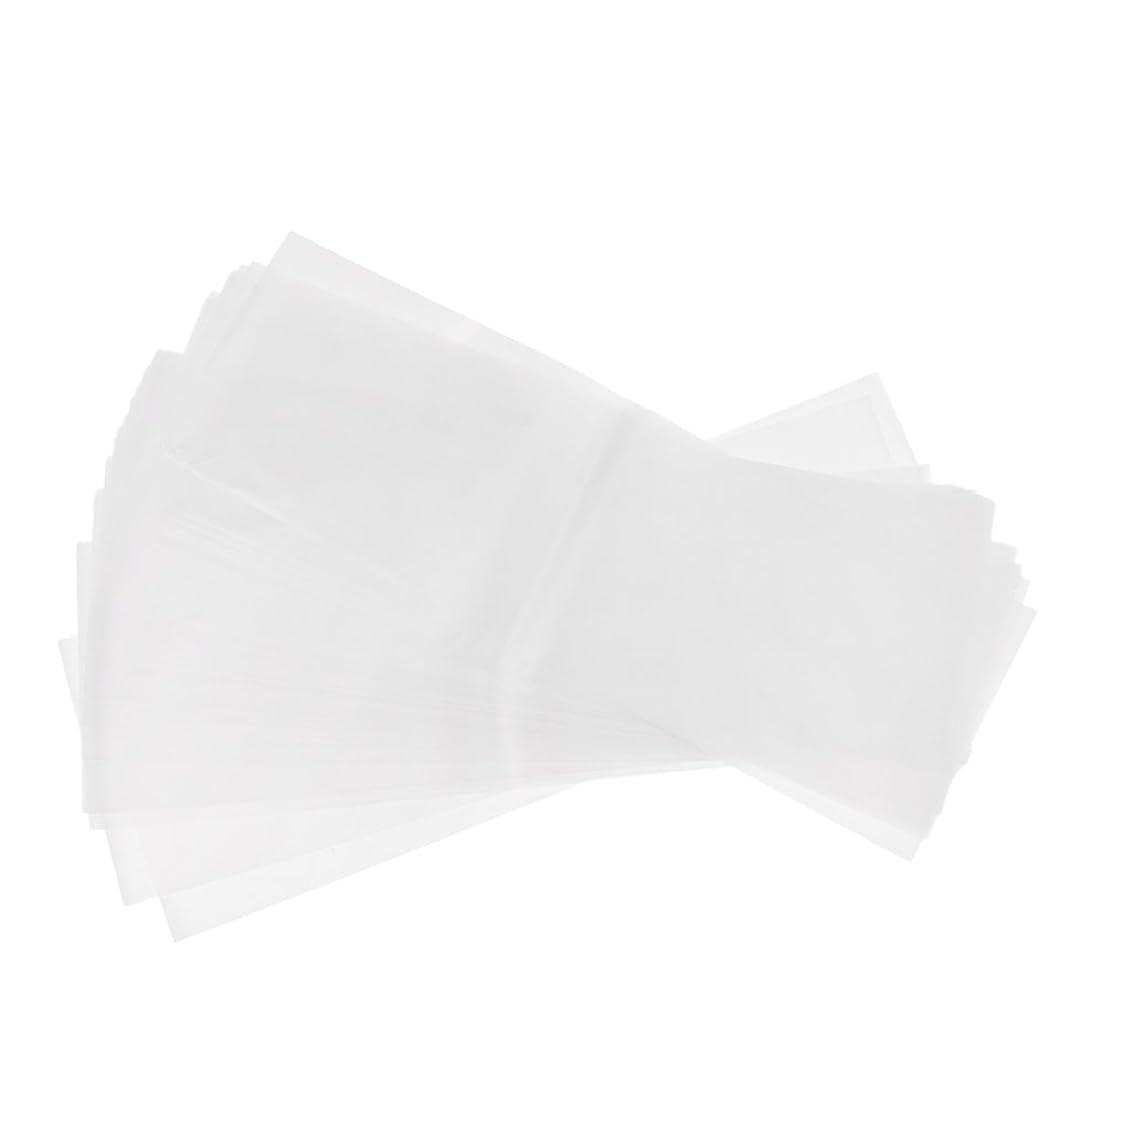 こしょうワット蓄積するPerfk 約50枚 プラスチック製 染毛紙 ハイライトシート サロン ヘア染めツール 再利用可能  髪染め 2タイプ選べ - ホワイト